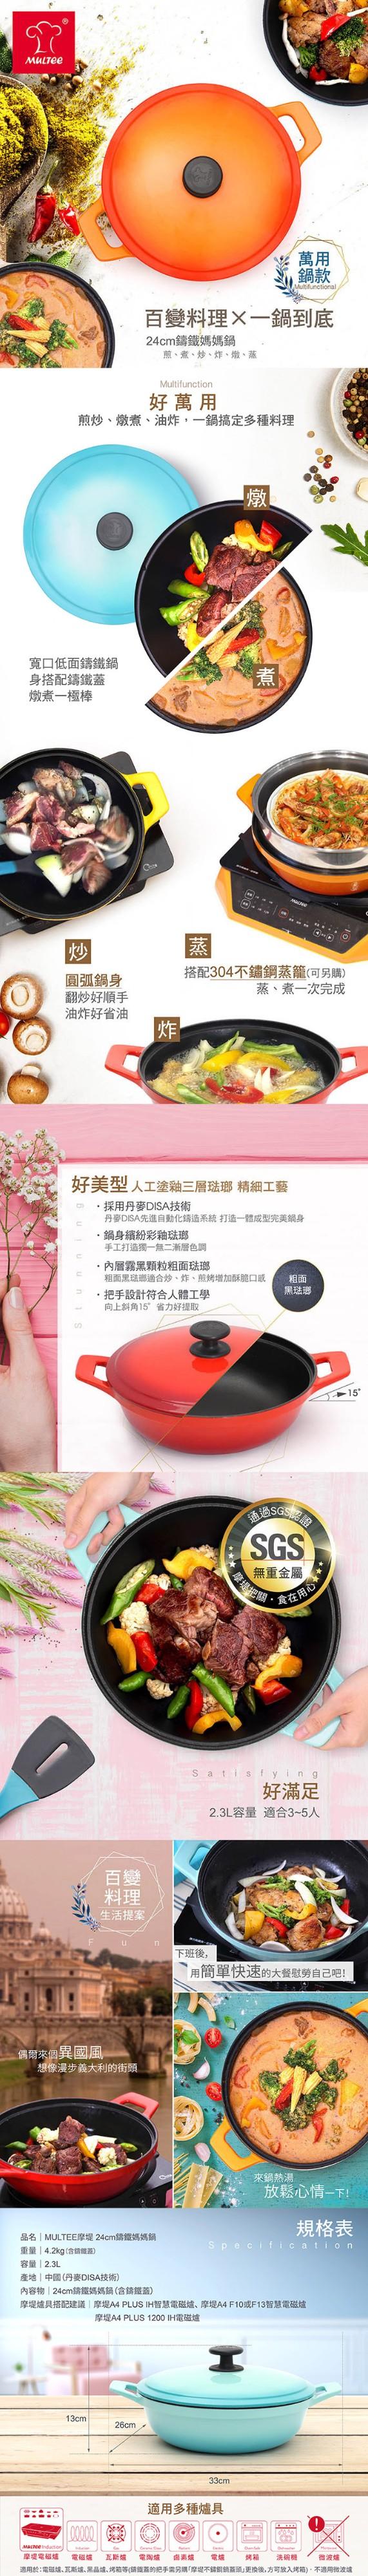 24媽媽鍋-700.jpg